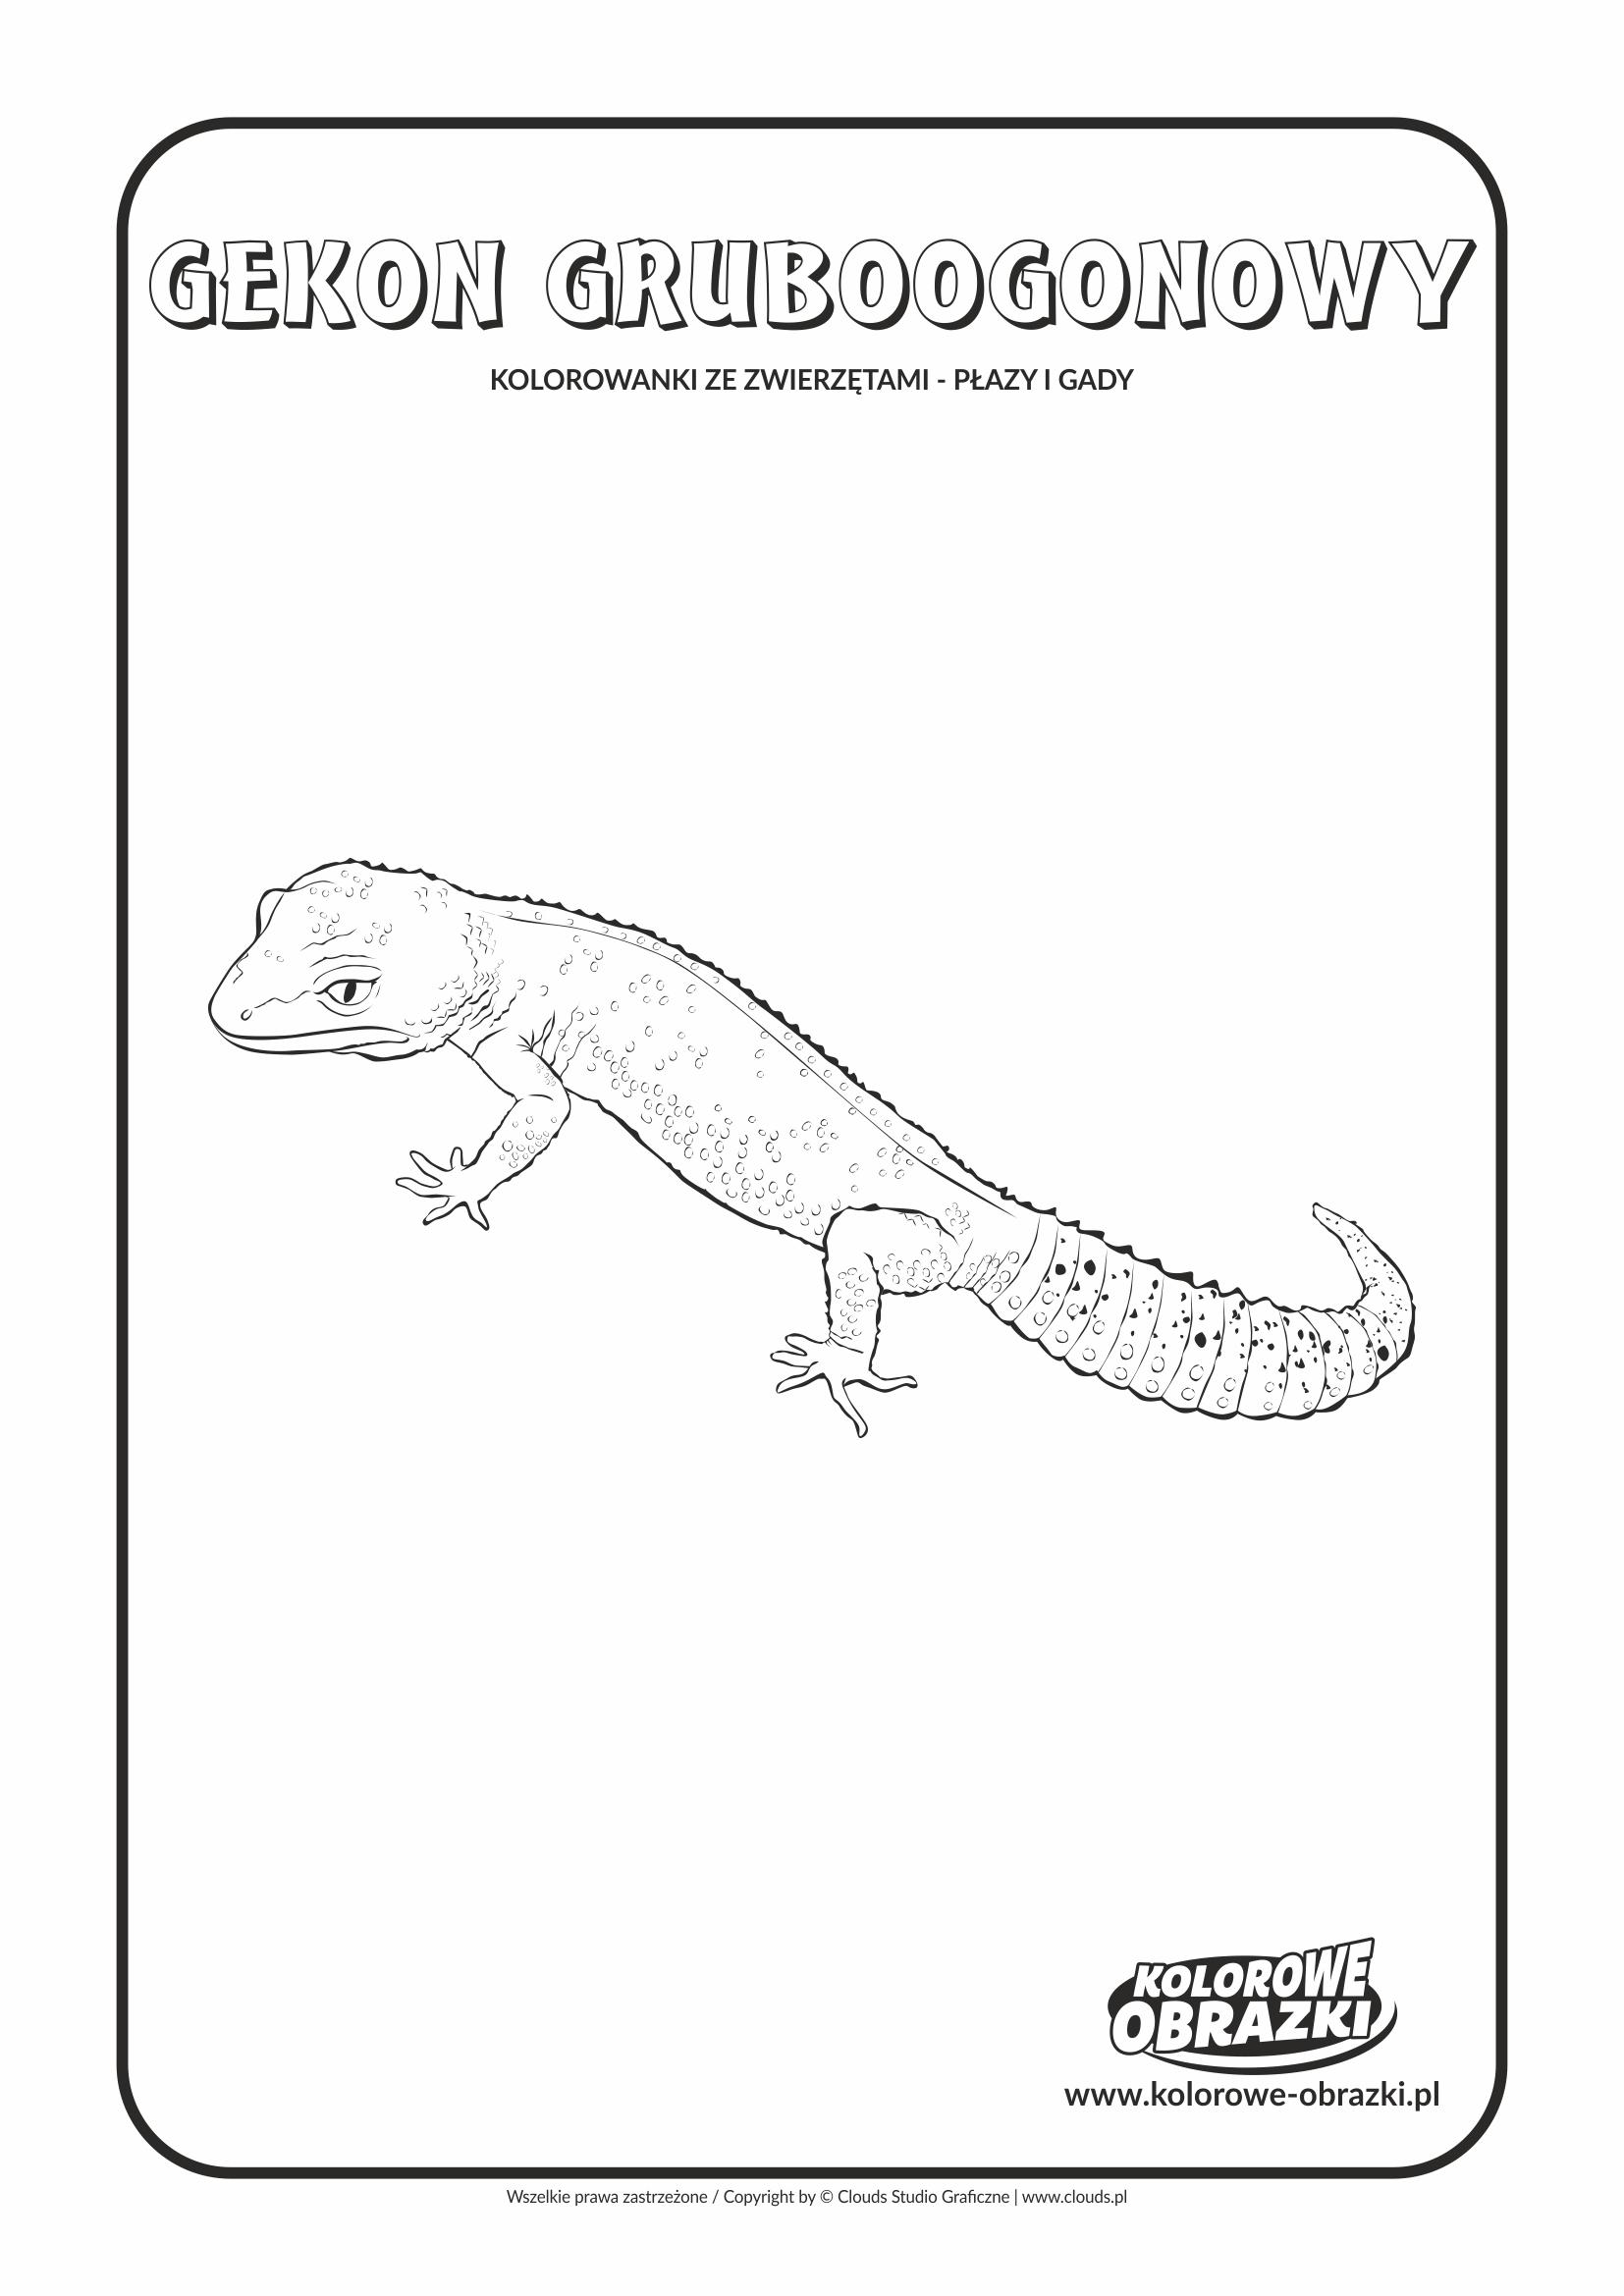 Kolorowanki dla dzieci - Zwierzęta / Gekon gruboogonowy. Kolorowanka z gekonem gruboogonowym